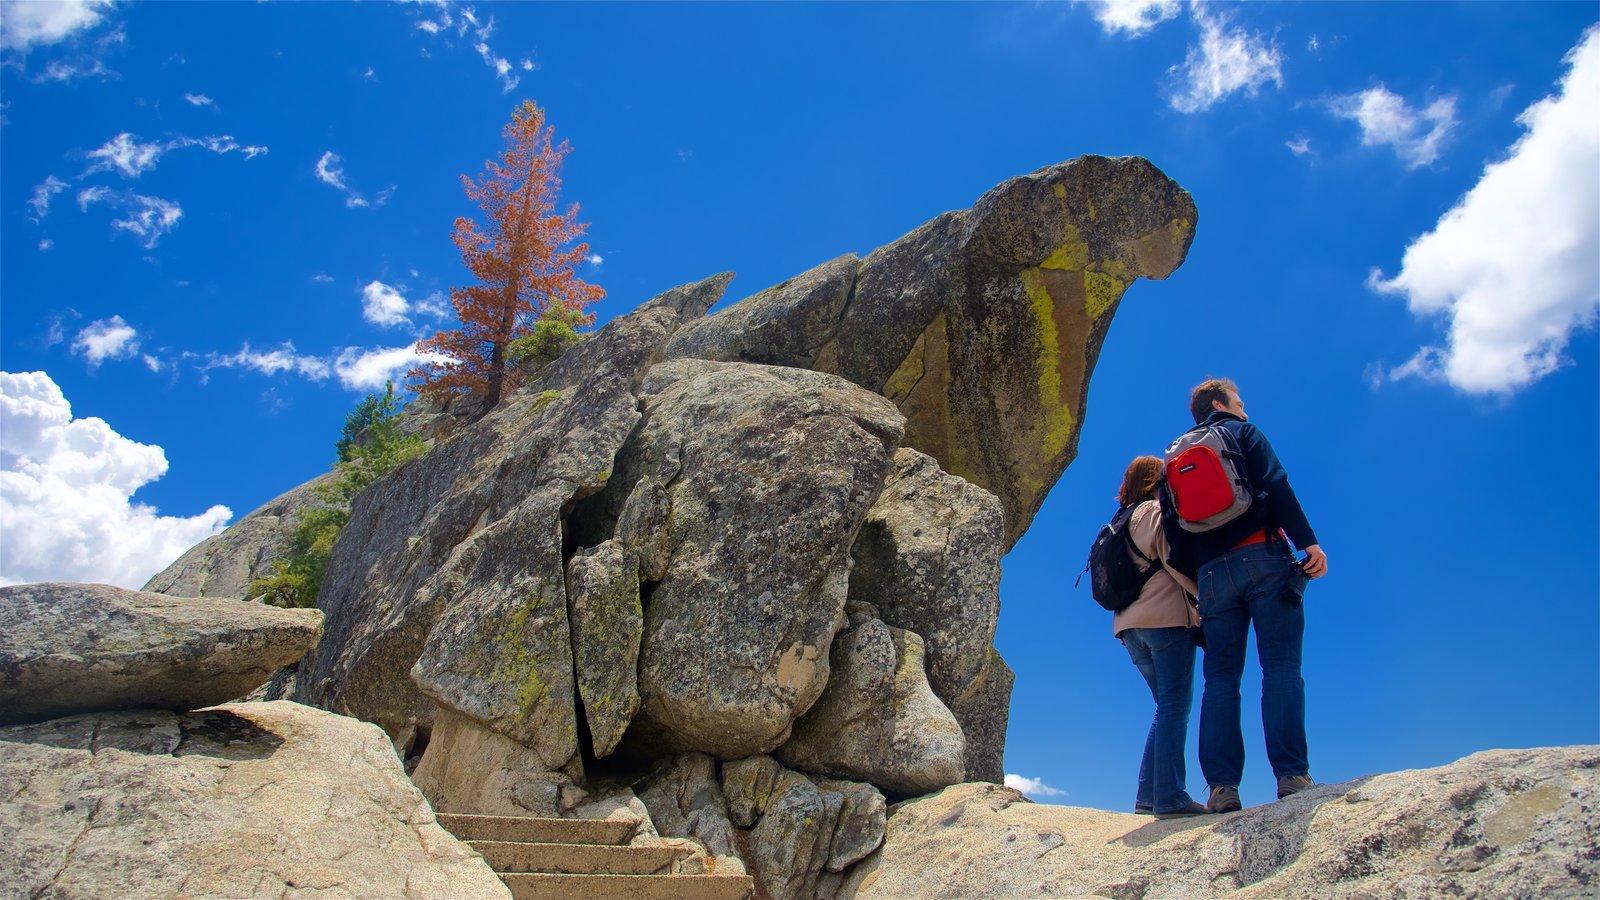 Sequoia National Park que inclui cenas tranquilas assim como um casal